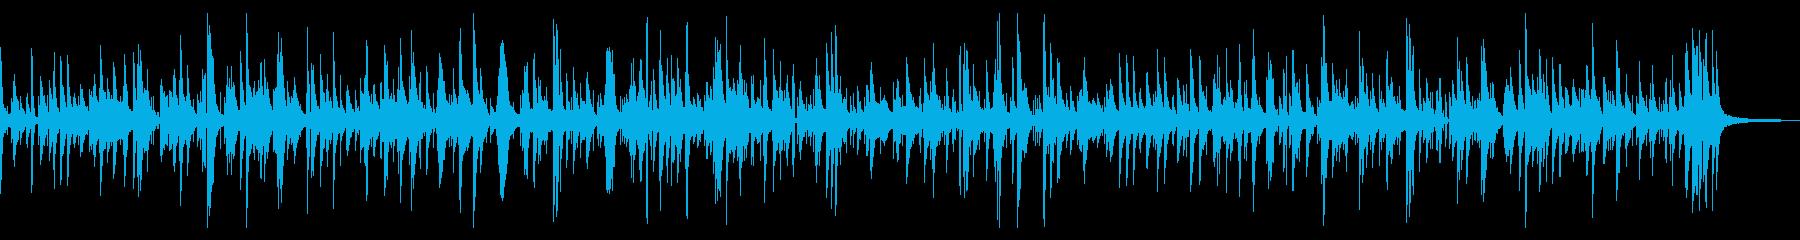 起伏の少ない穏やかなジャズピアノBGMの再生済みの波形